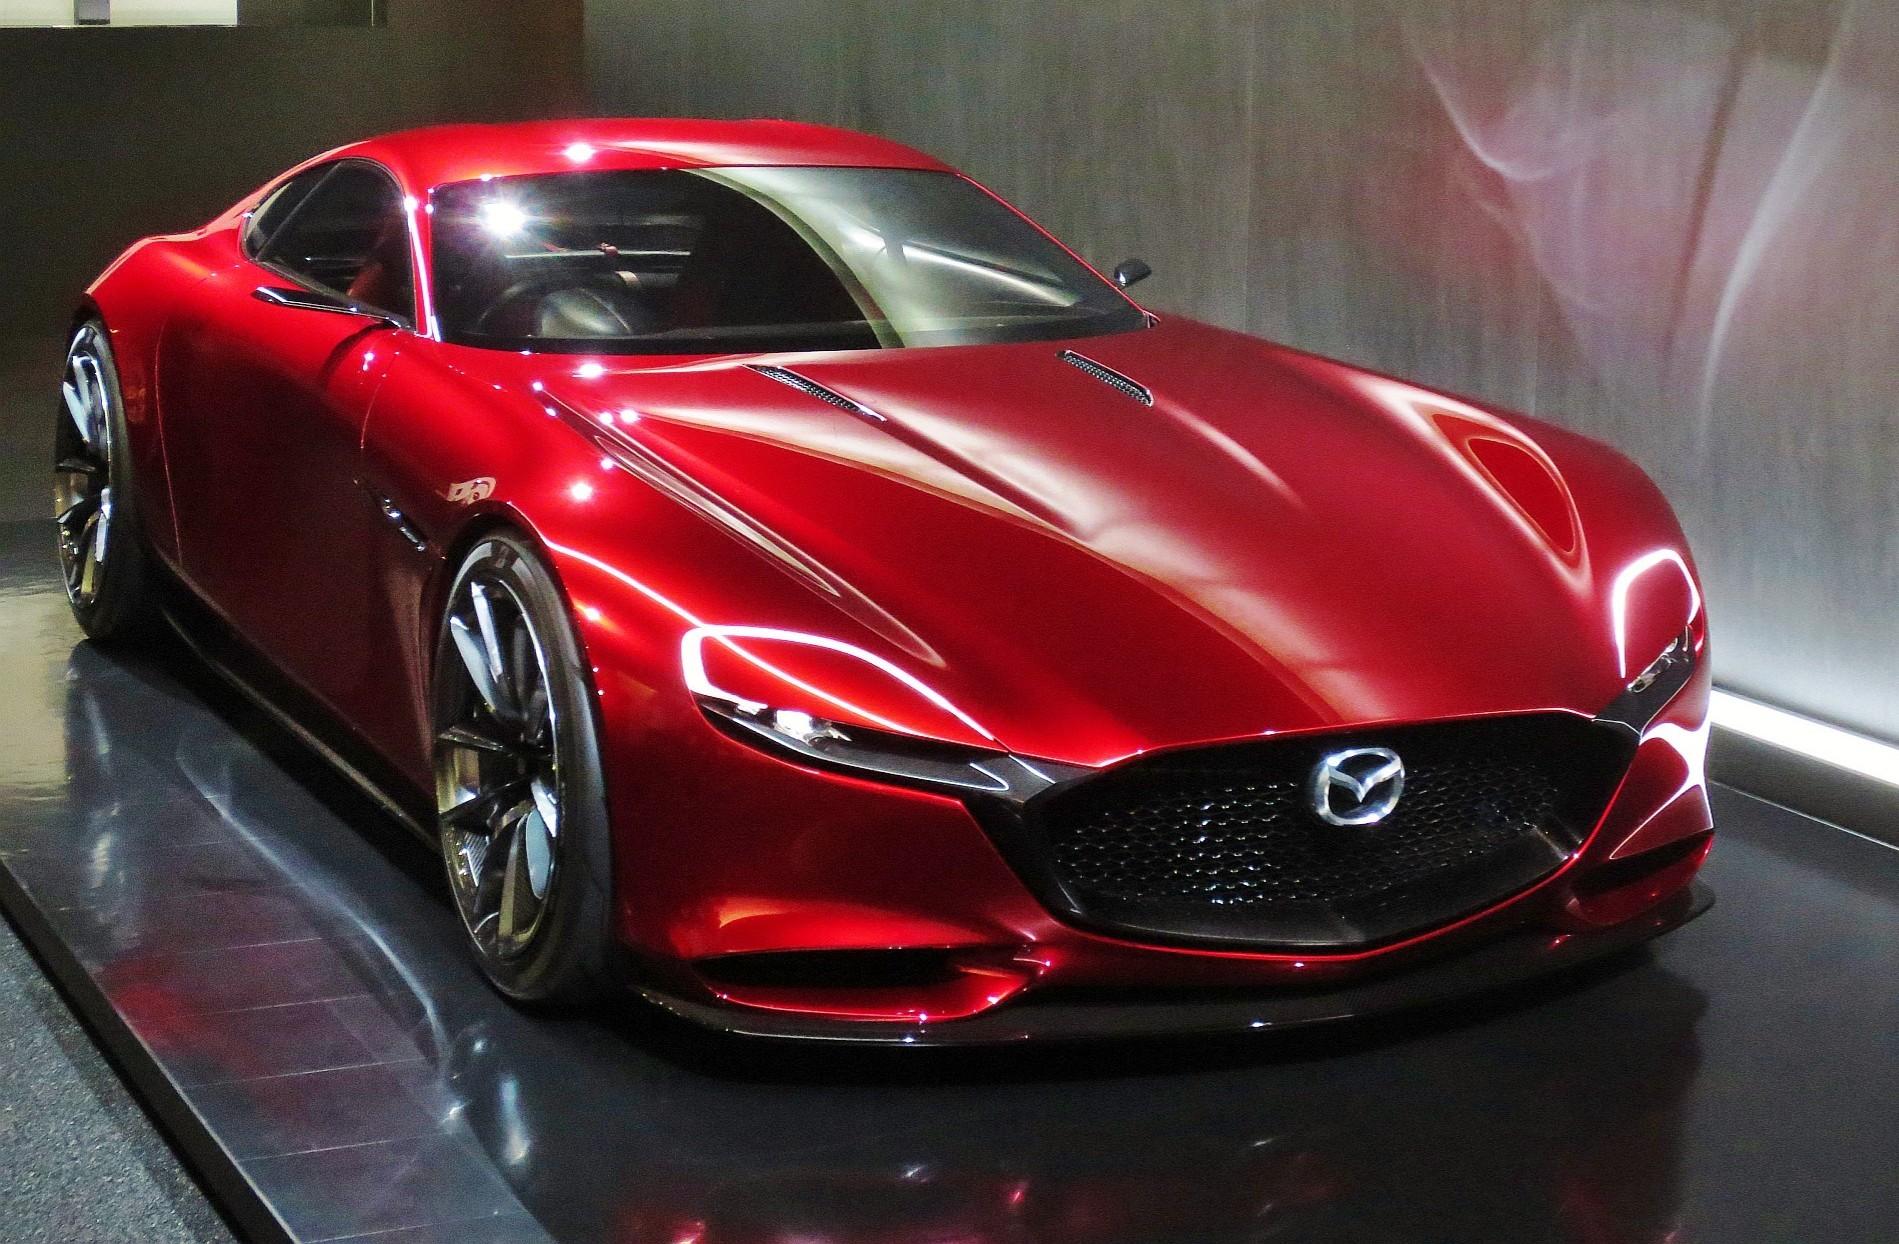 Mazda_RX-Vision_in_Automobile_Council_2016 - Edited